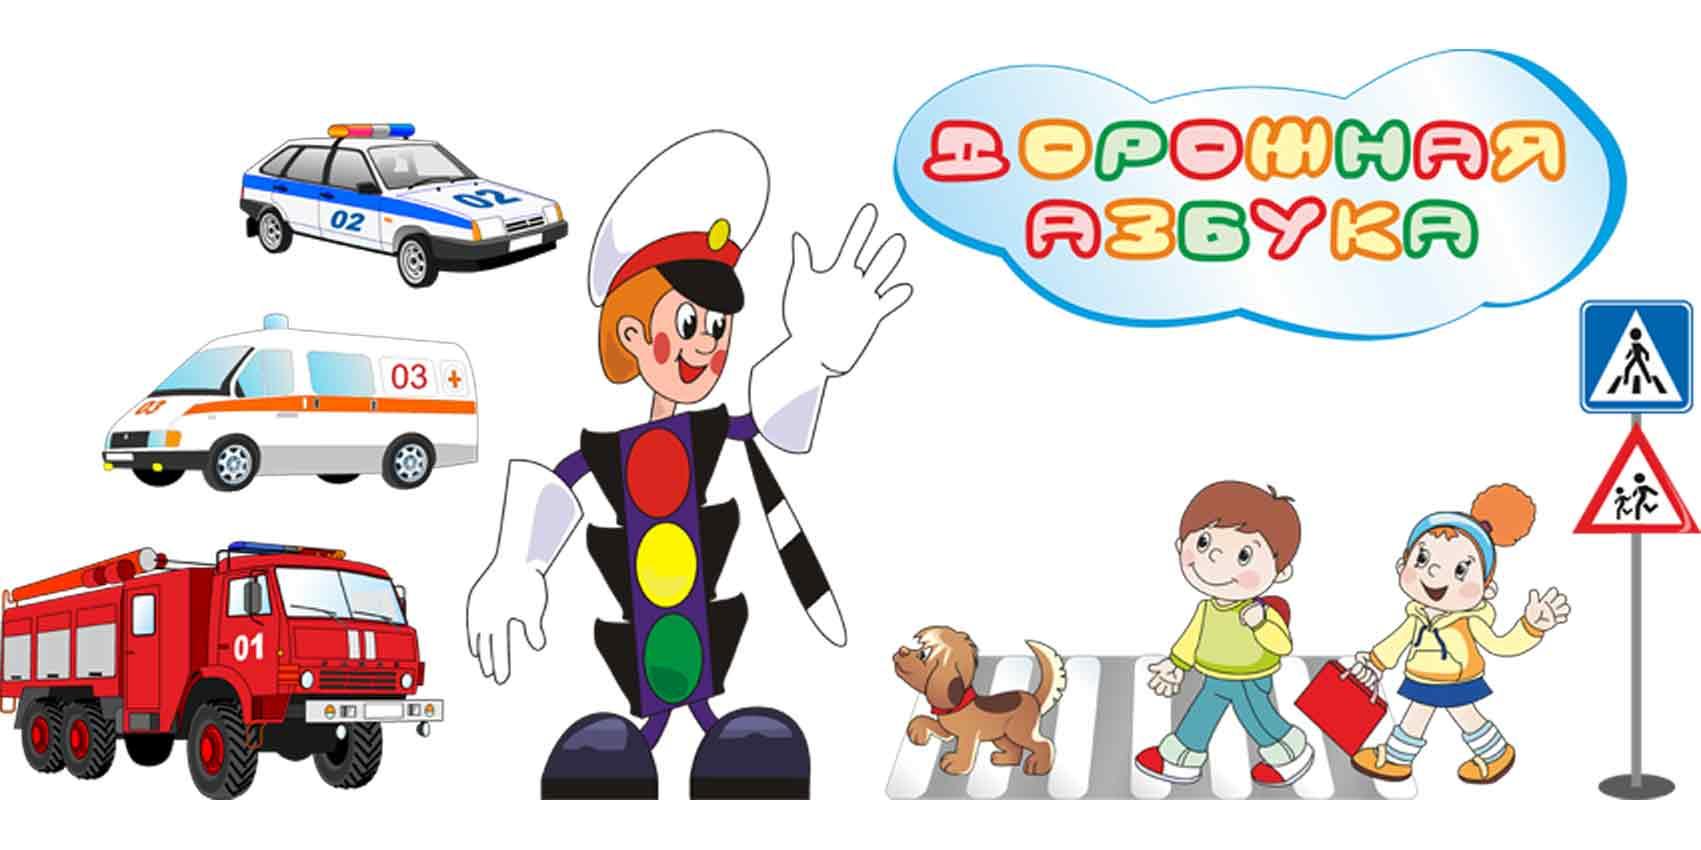 Картинки для детей по пдд в детском саду на прозрачном фоне